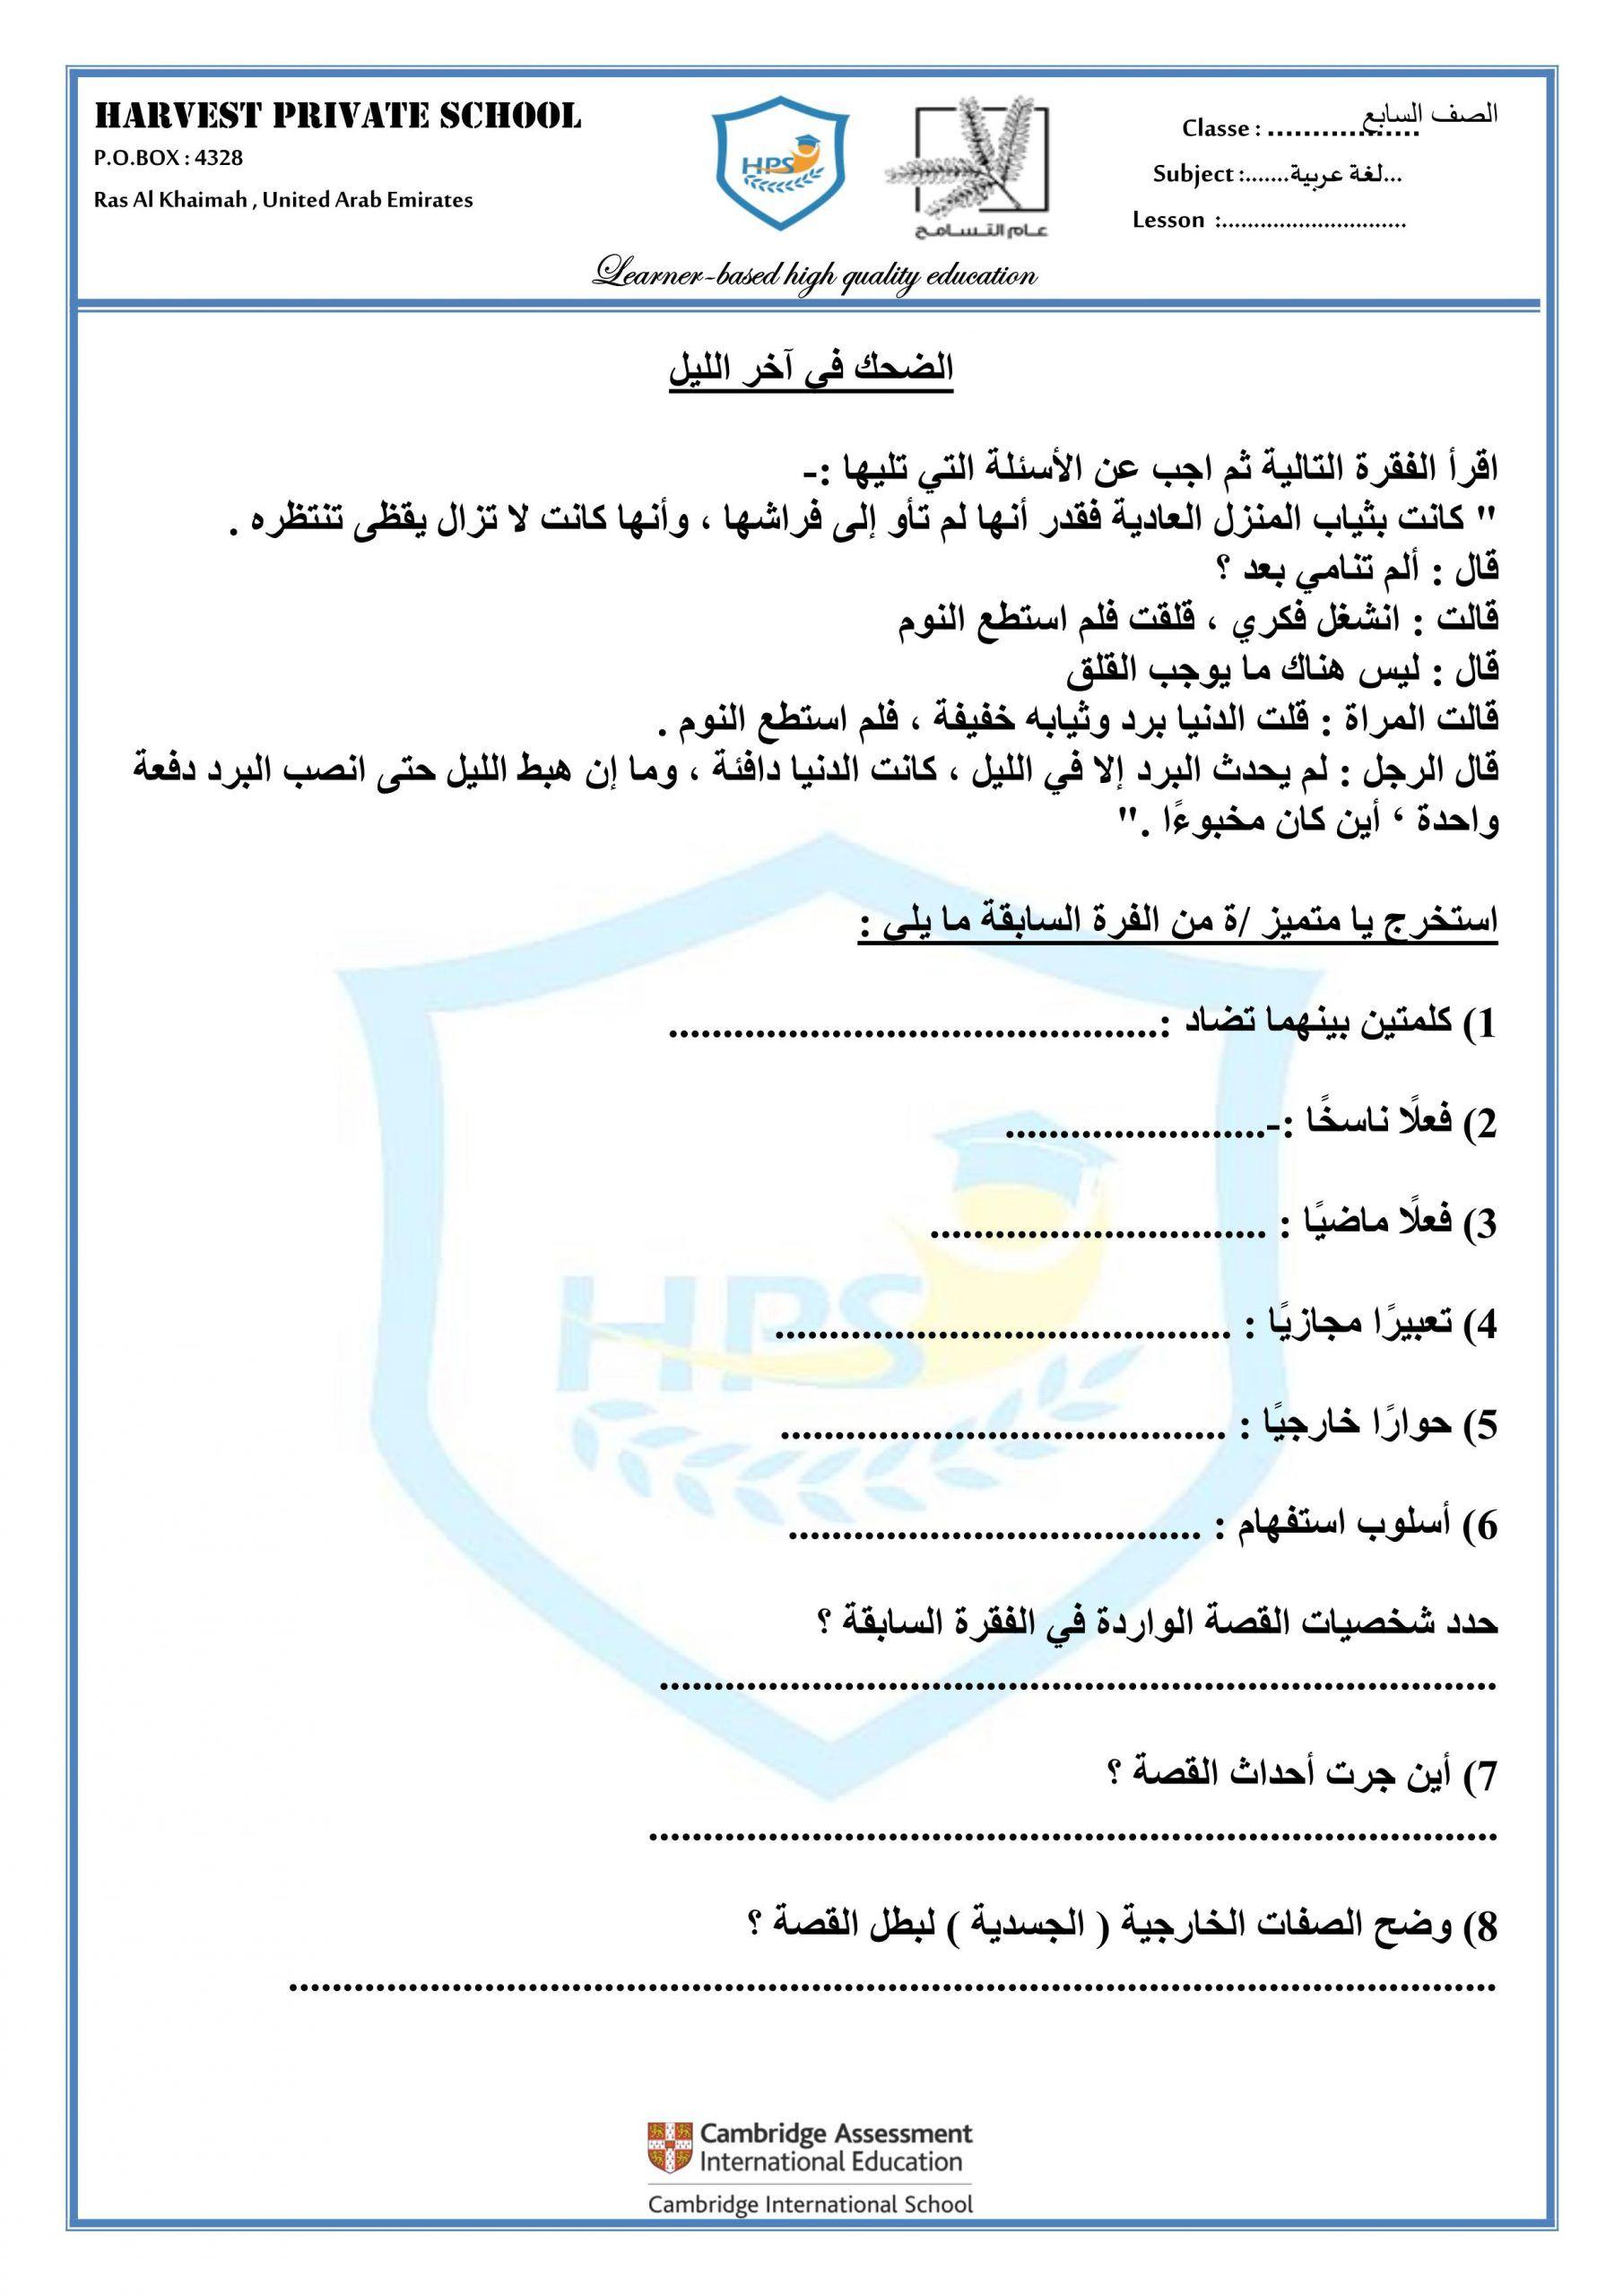 ورقة عمل درس الضحك اخر الليل الصف السابع مادة اللغة العربية Private School Lesson Ras Al Khaimah